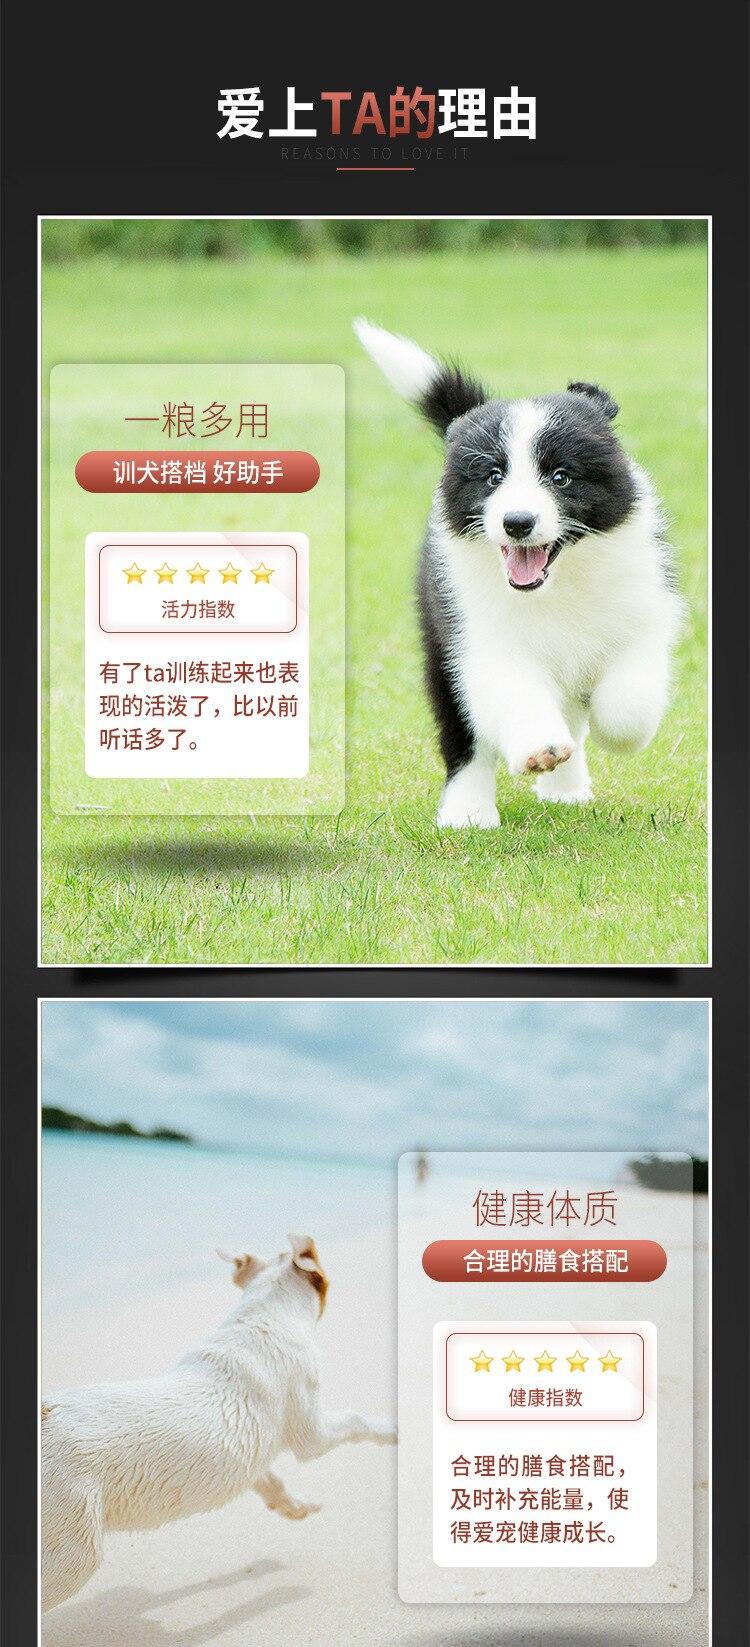 treinamento recompensa alimentos para animais de estimação moagem dentição varas